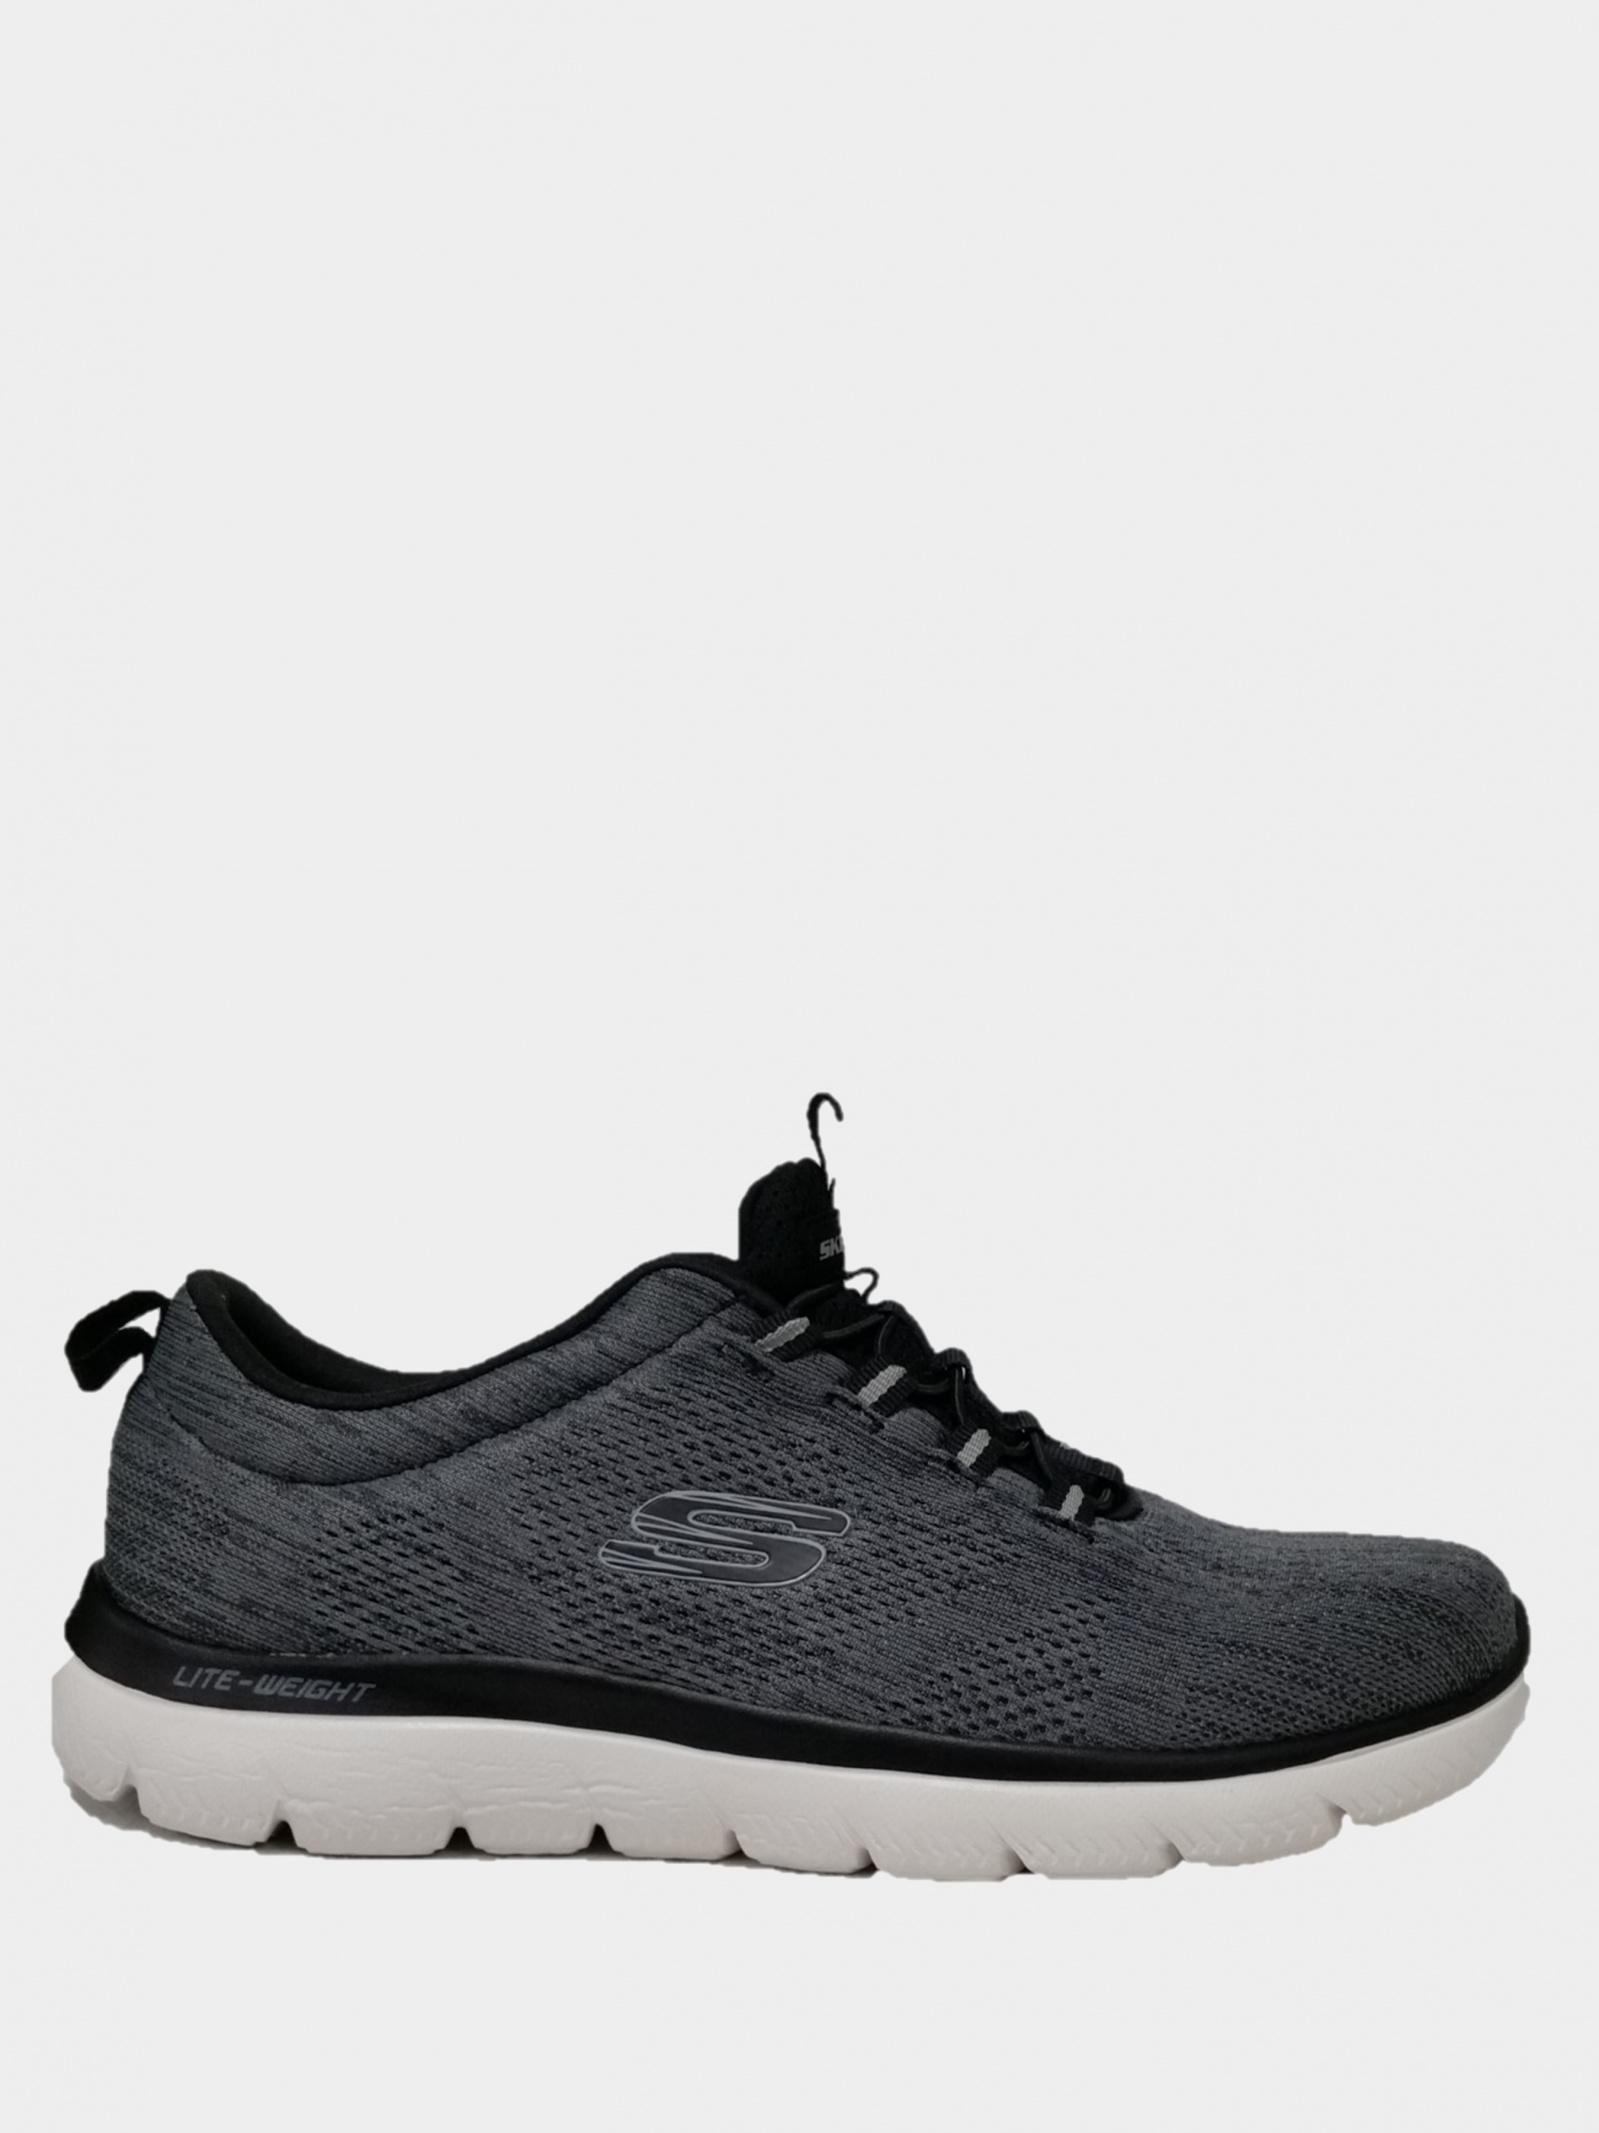 Кросівки чоловічі Skechers Mens Sport 232186 BKW - фото